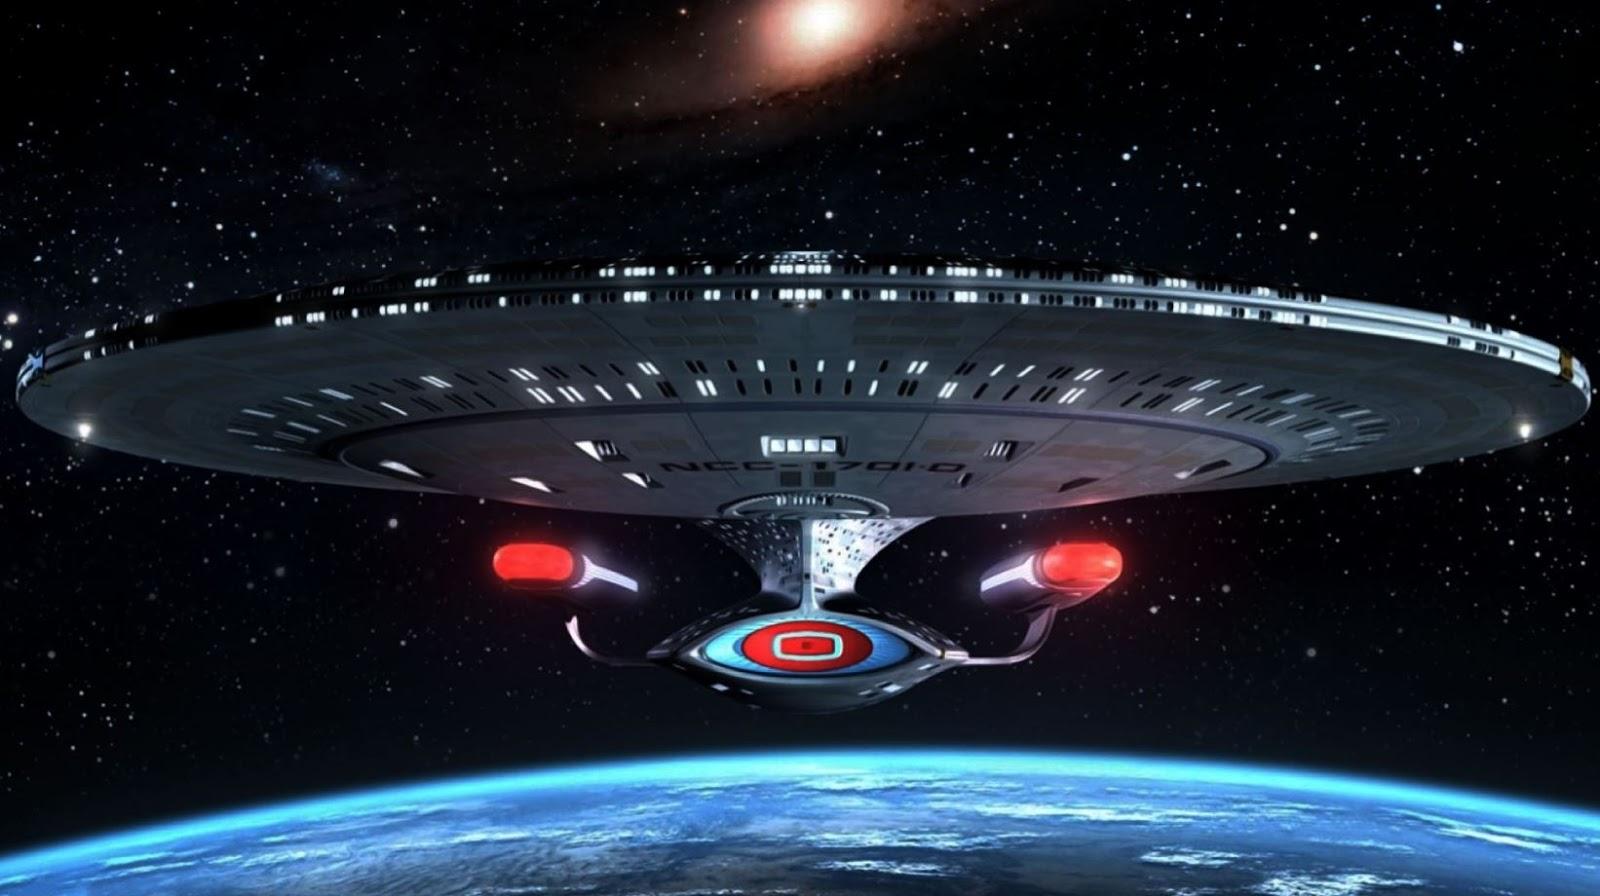 USS enterprise NCC 1701-D